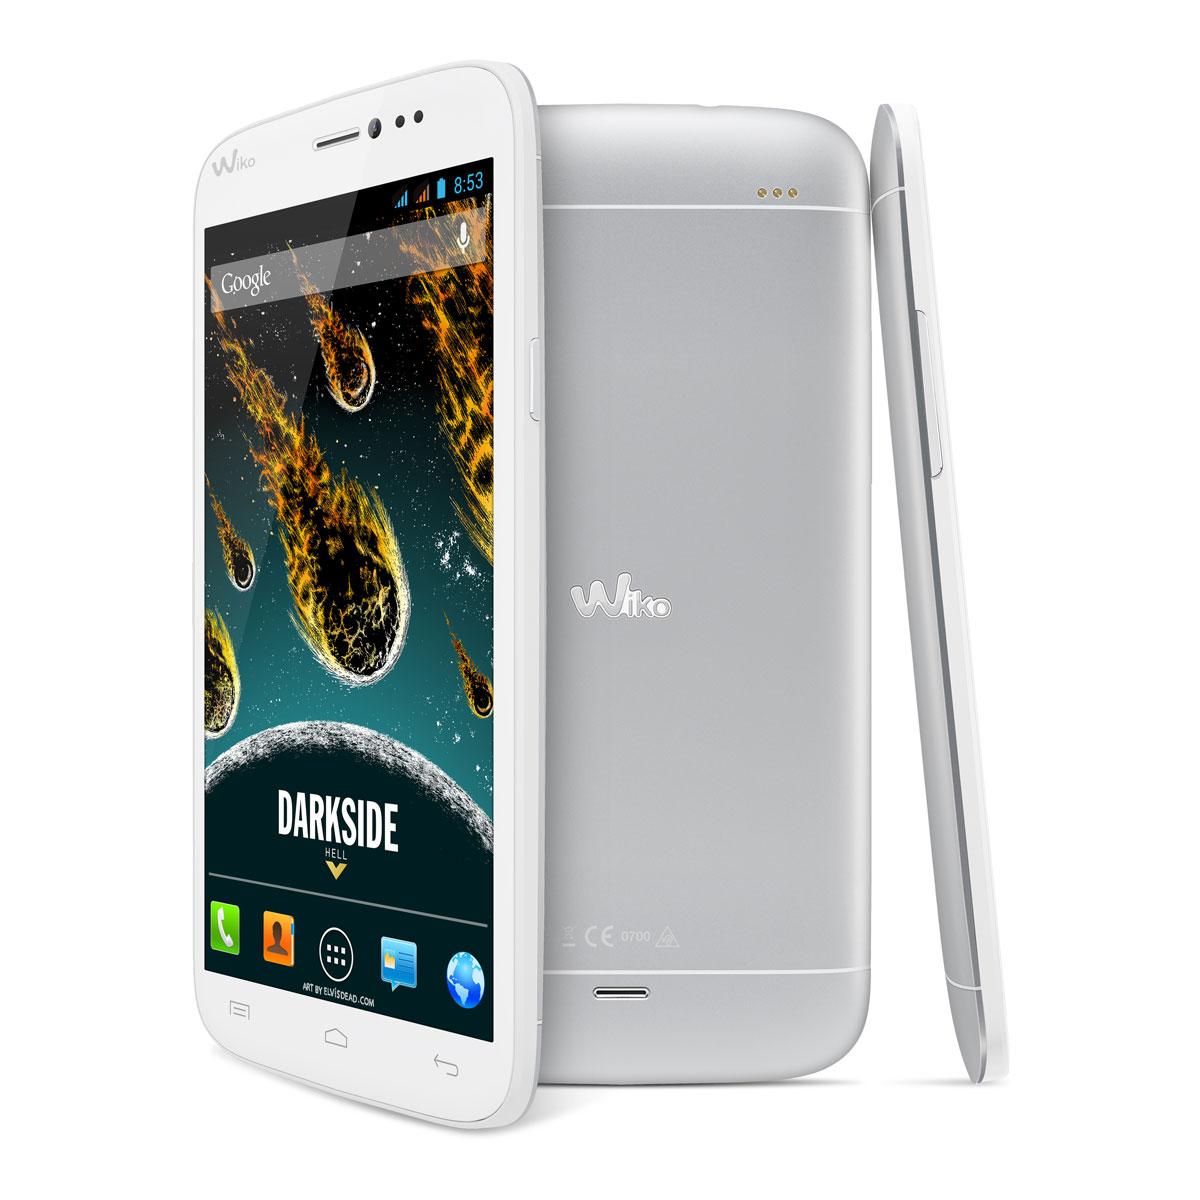 Wiko darkside white silver mobile smartphone wiko sur for Photo ecran wiko